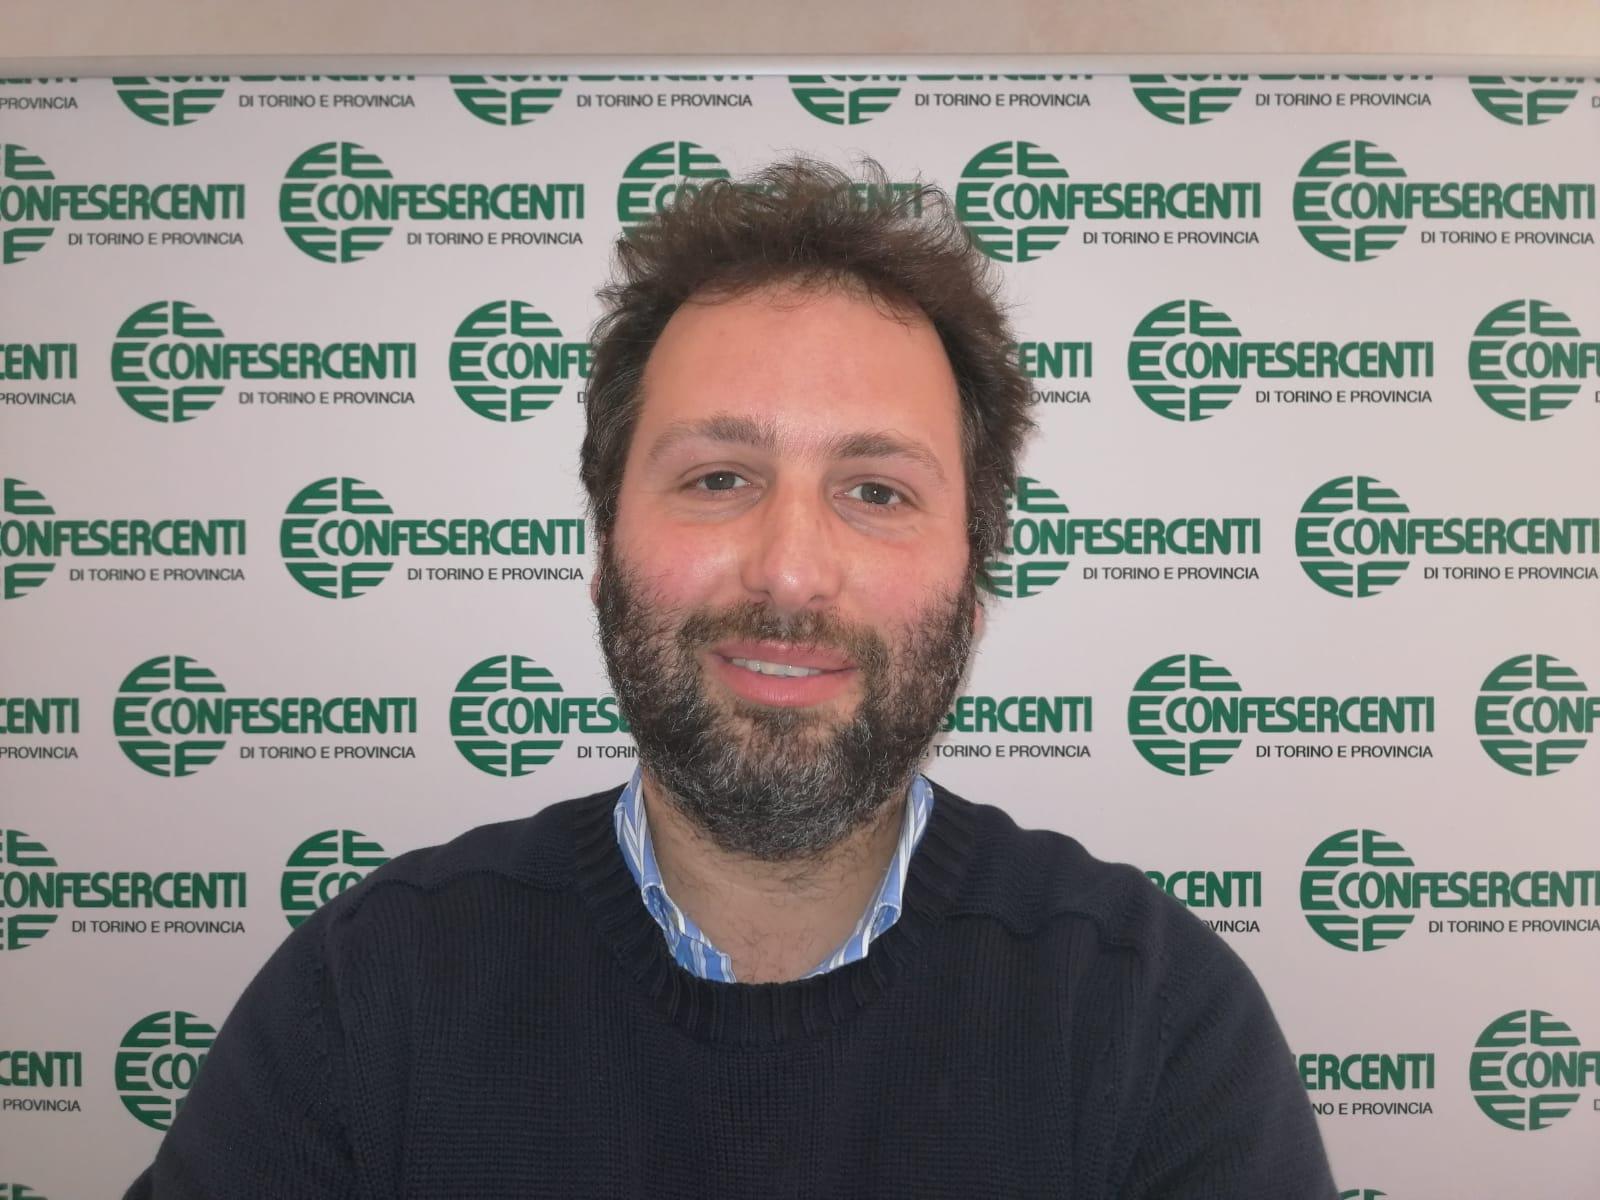 Confesercenti Torino, Faib: è Vincenzo Nettis il nuovo Presidente provinciale dell'Associazione